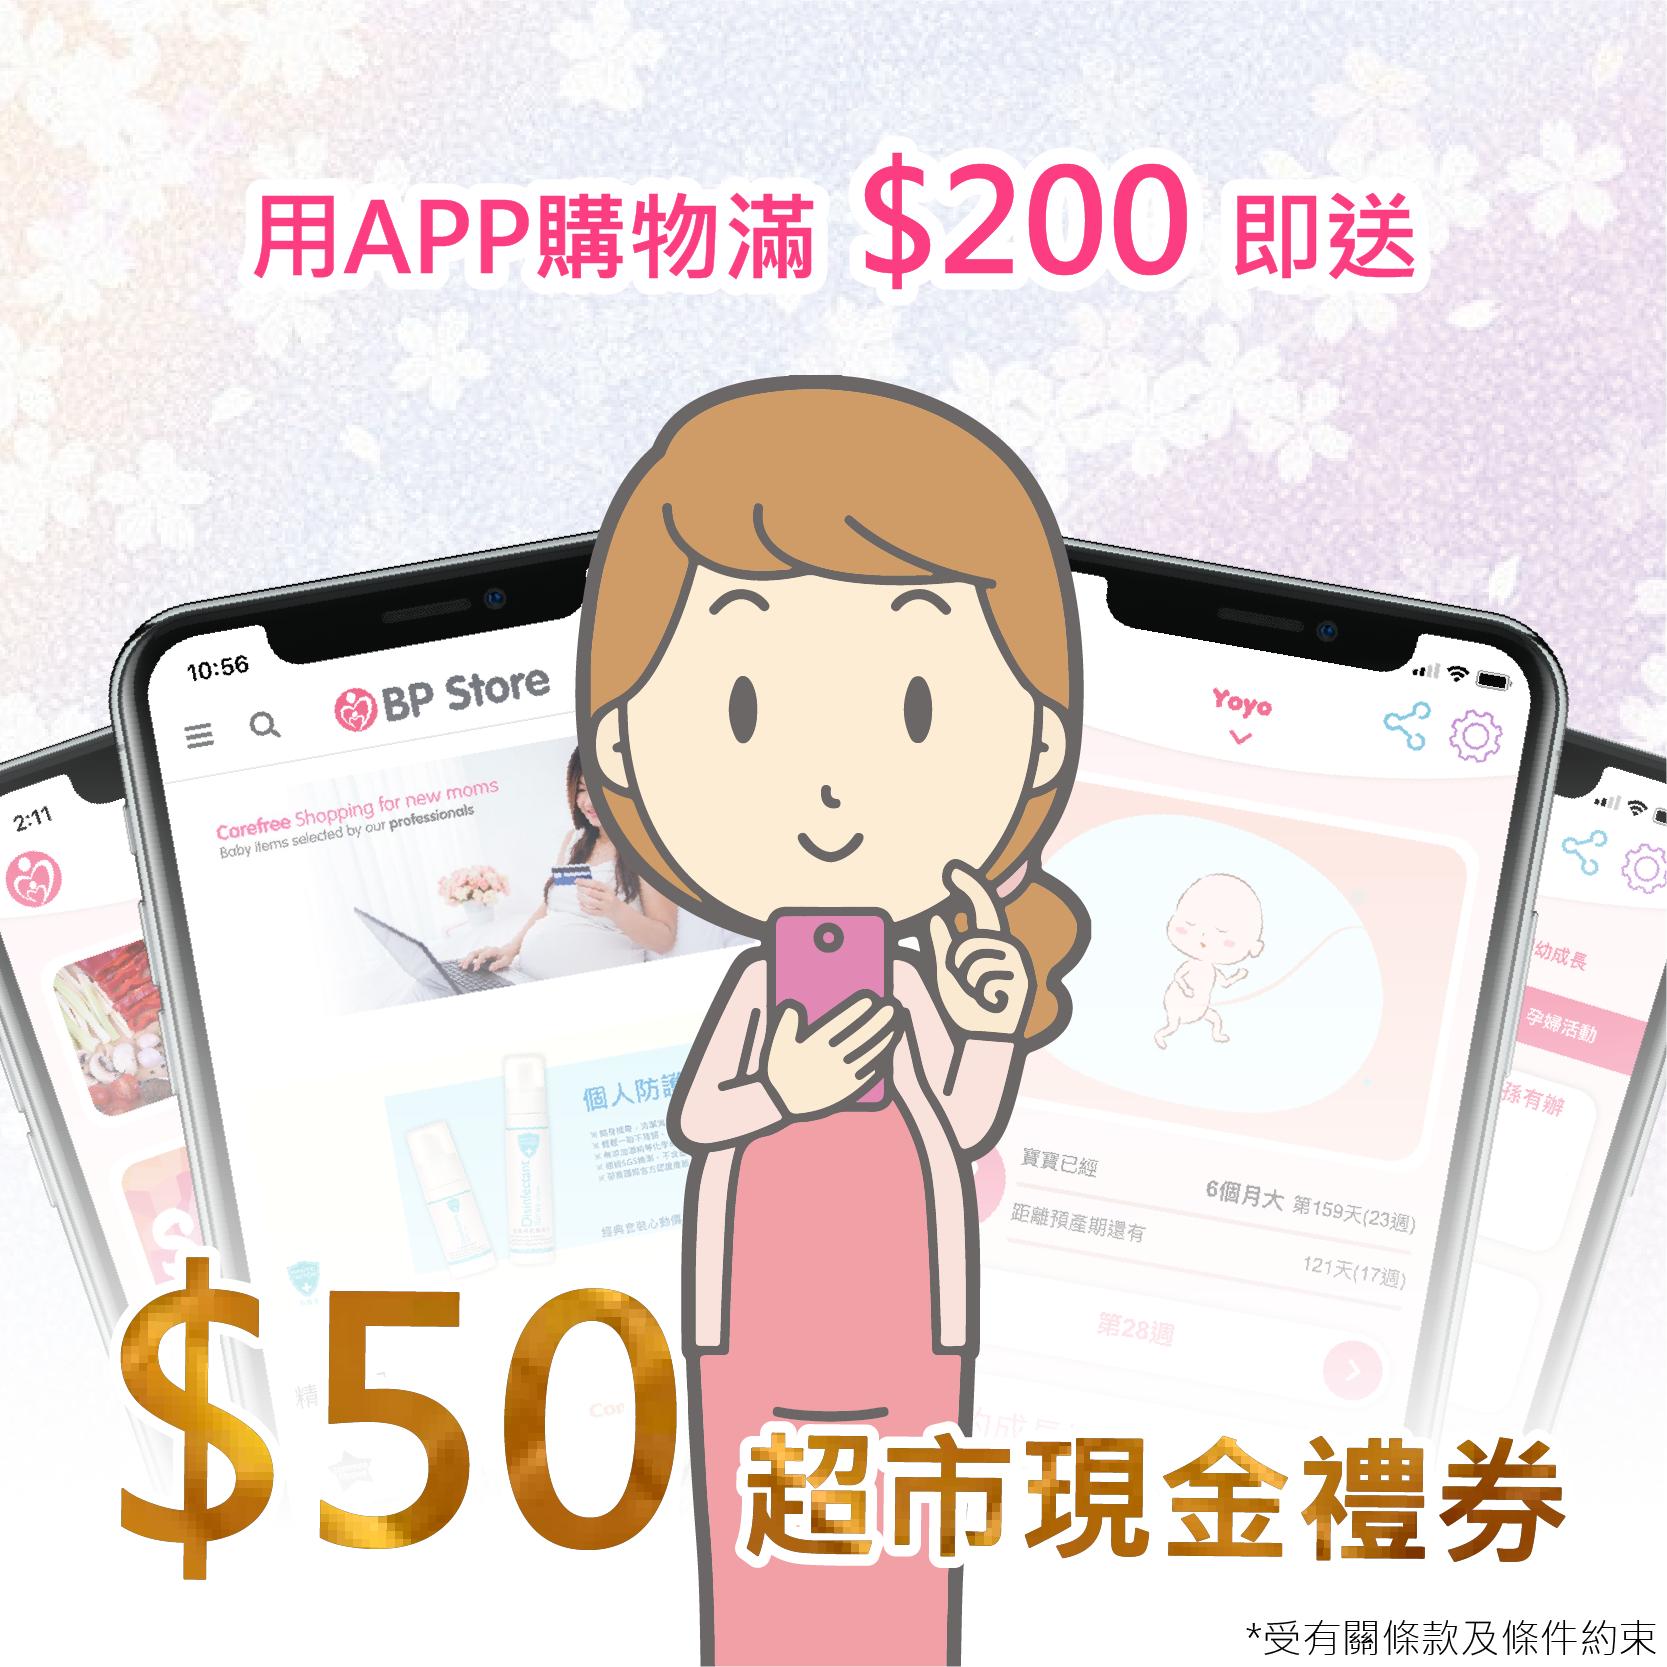 FB_buy 200 free 50 supermarket coupon_工作區域 1.png